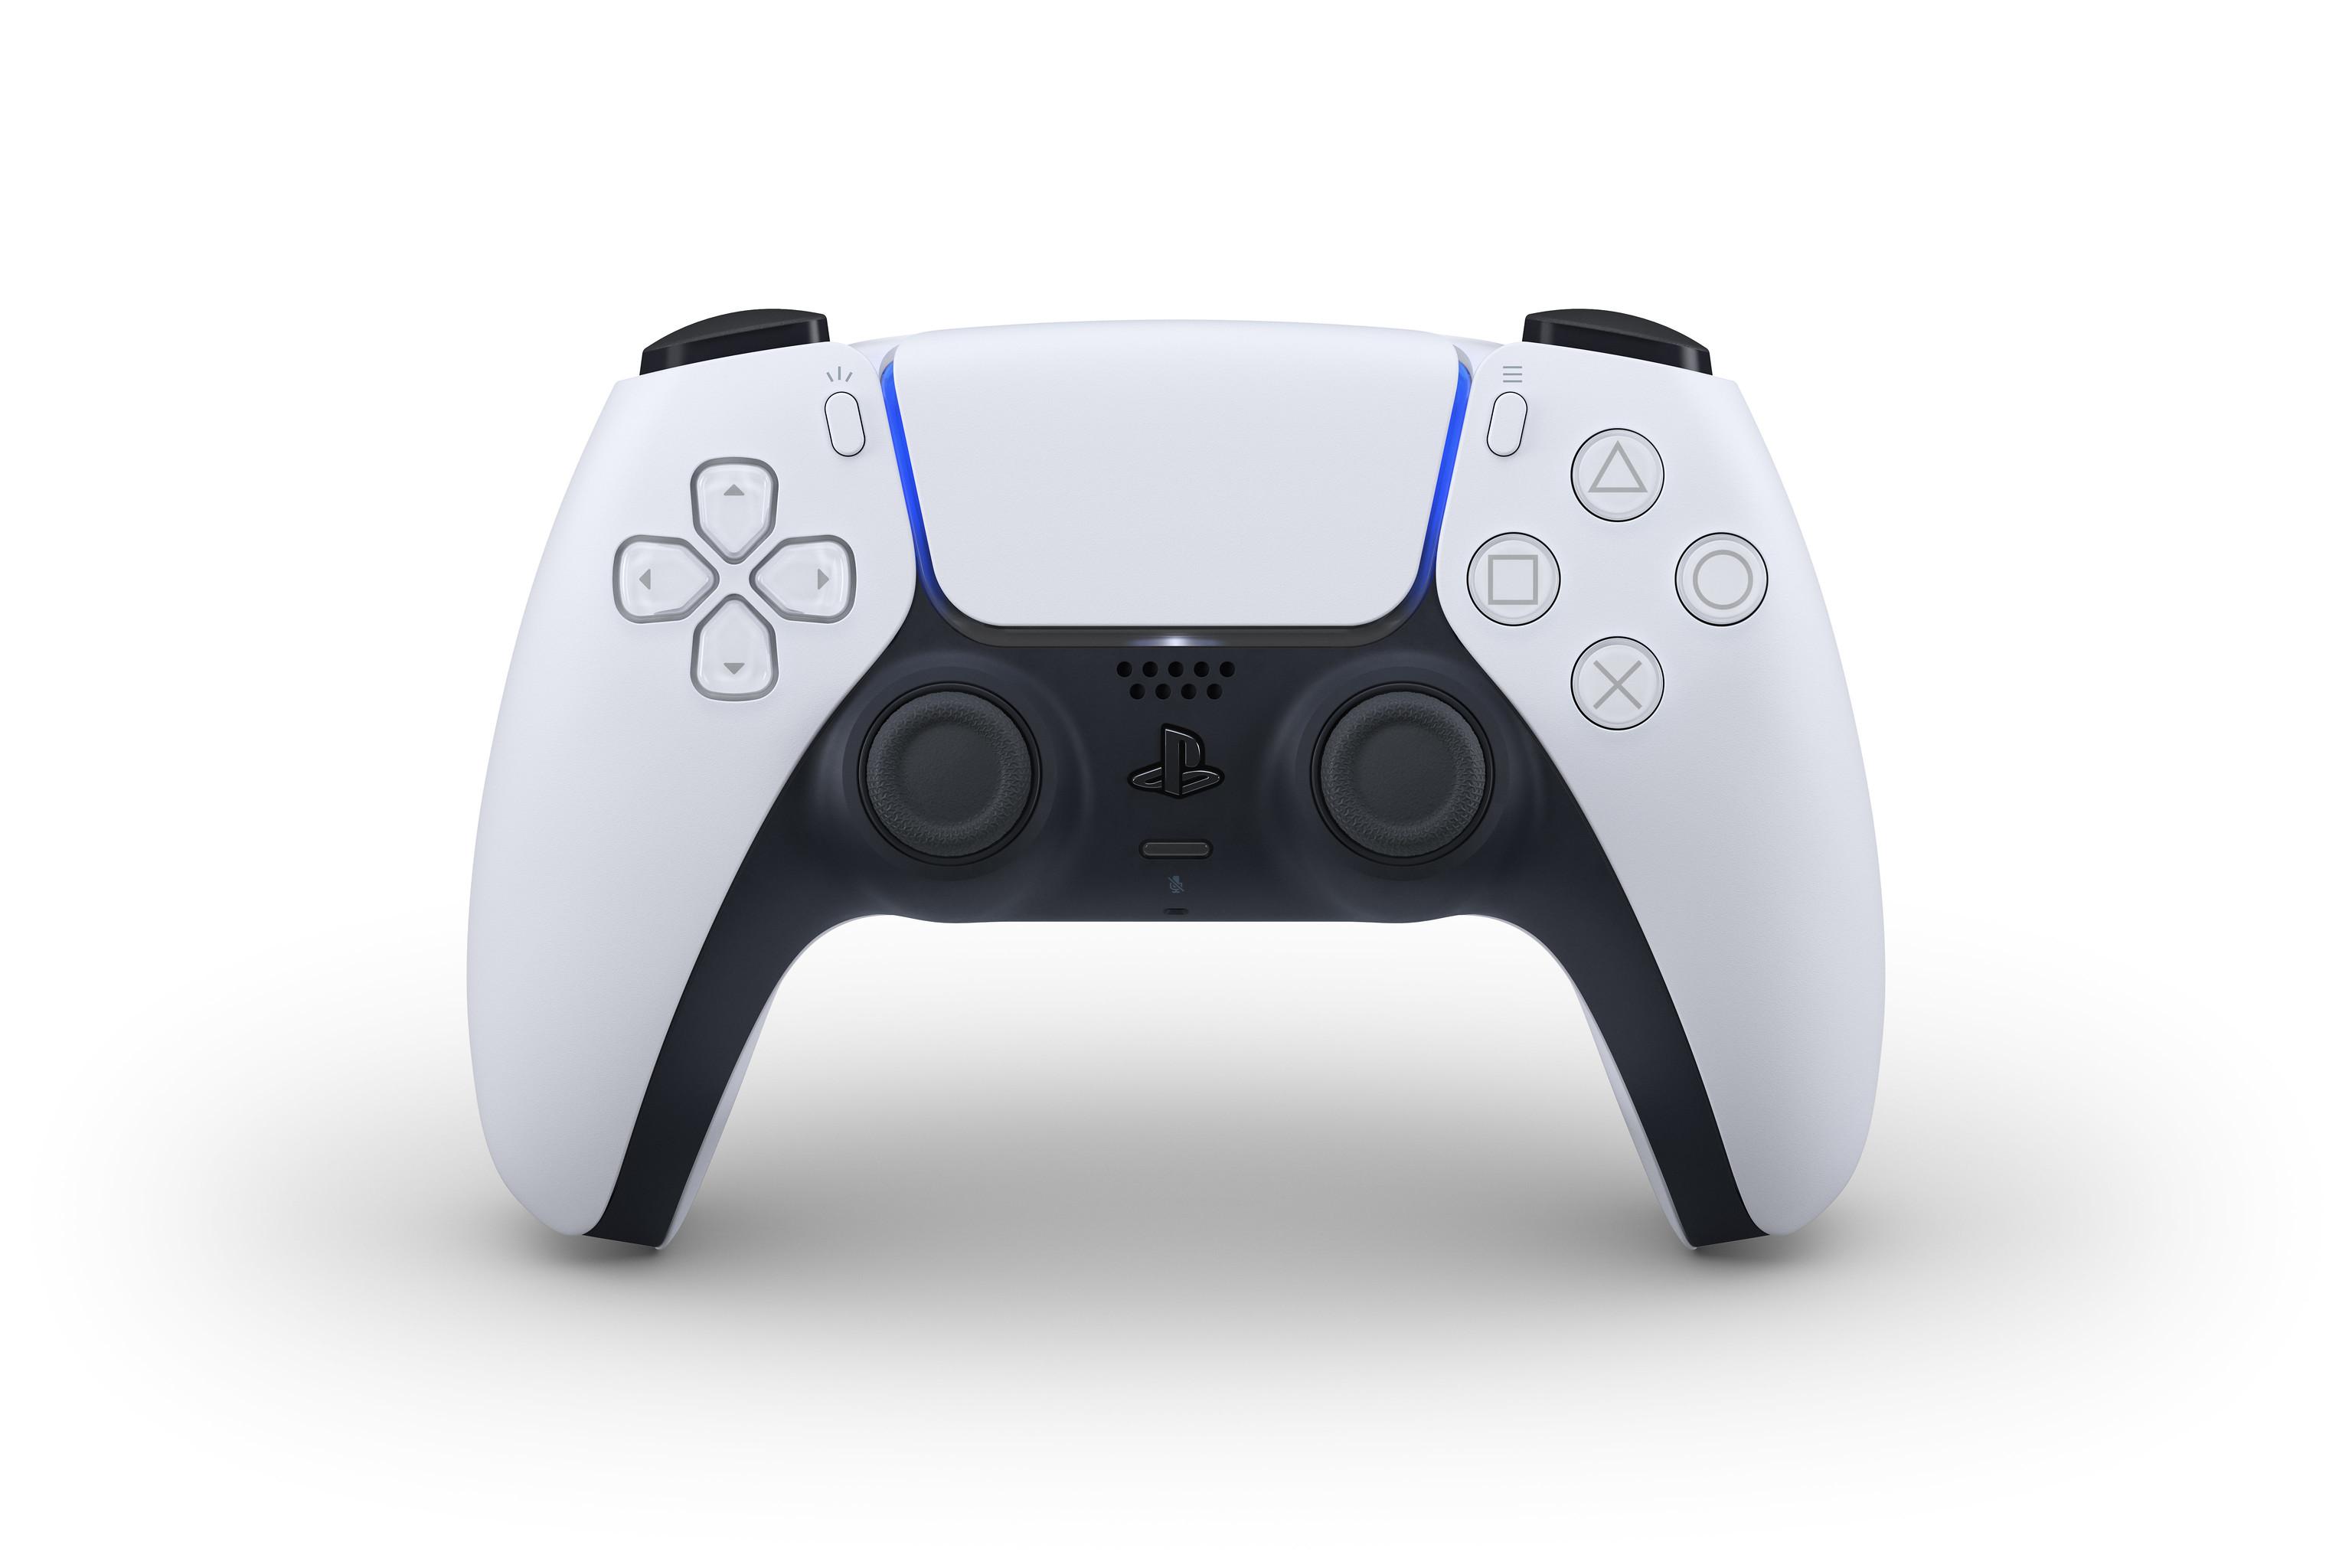 Tak będzie wyglądał kontroler dla PlayStation 5! Panie i Panowie, oto DualSense 15